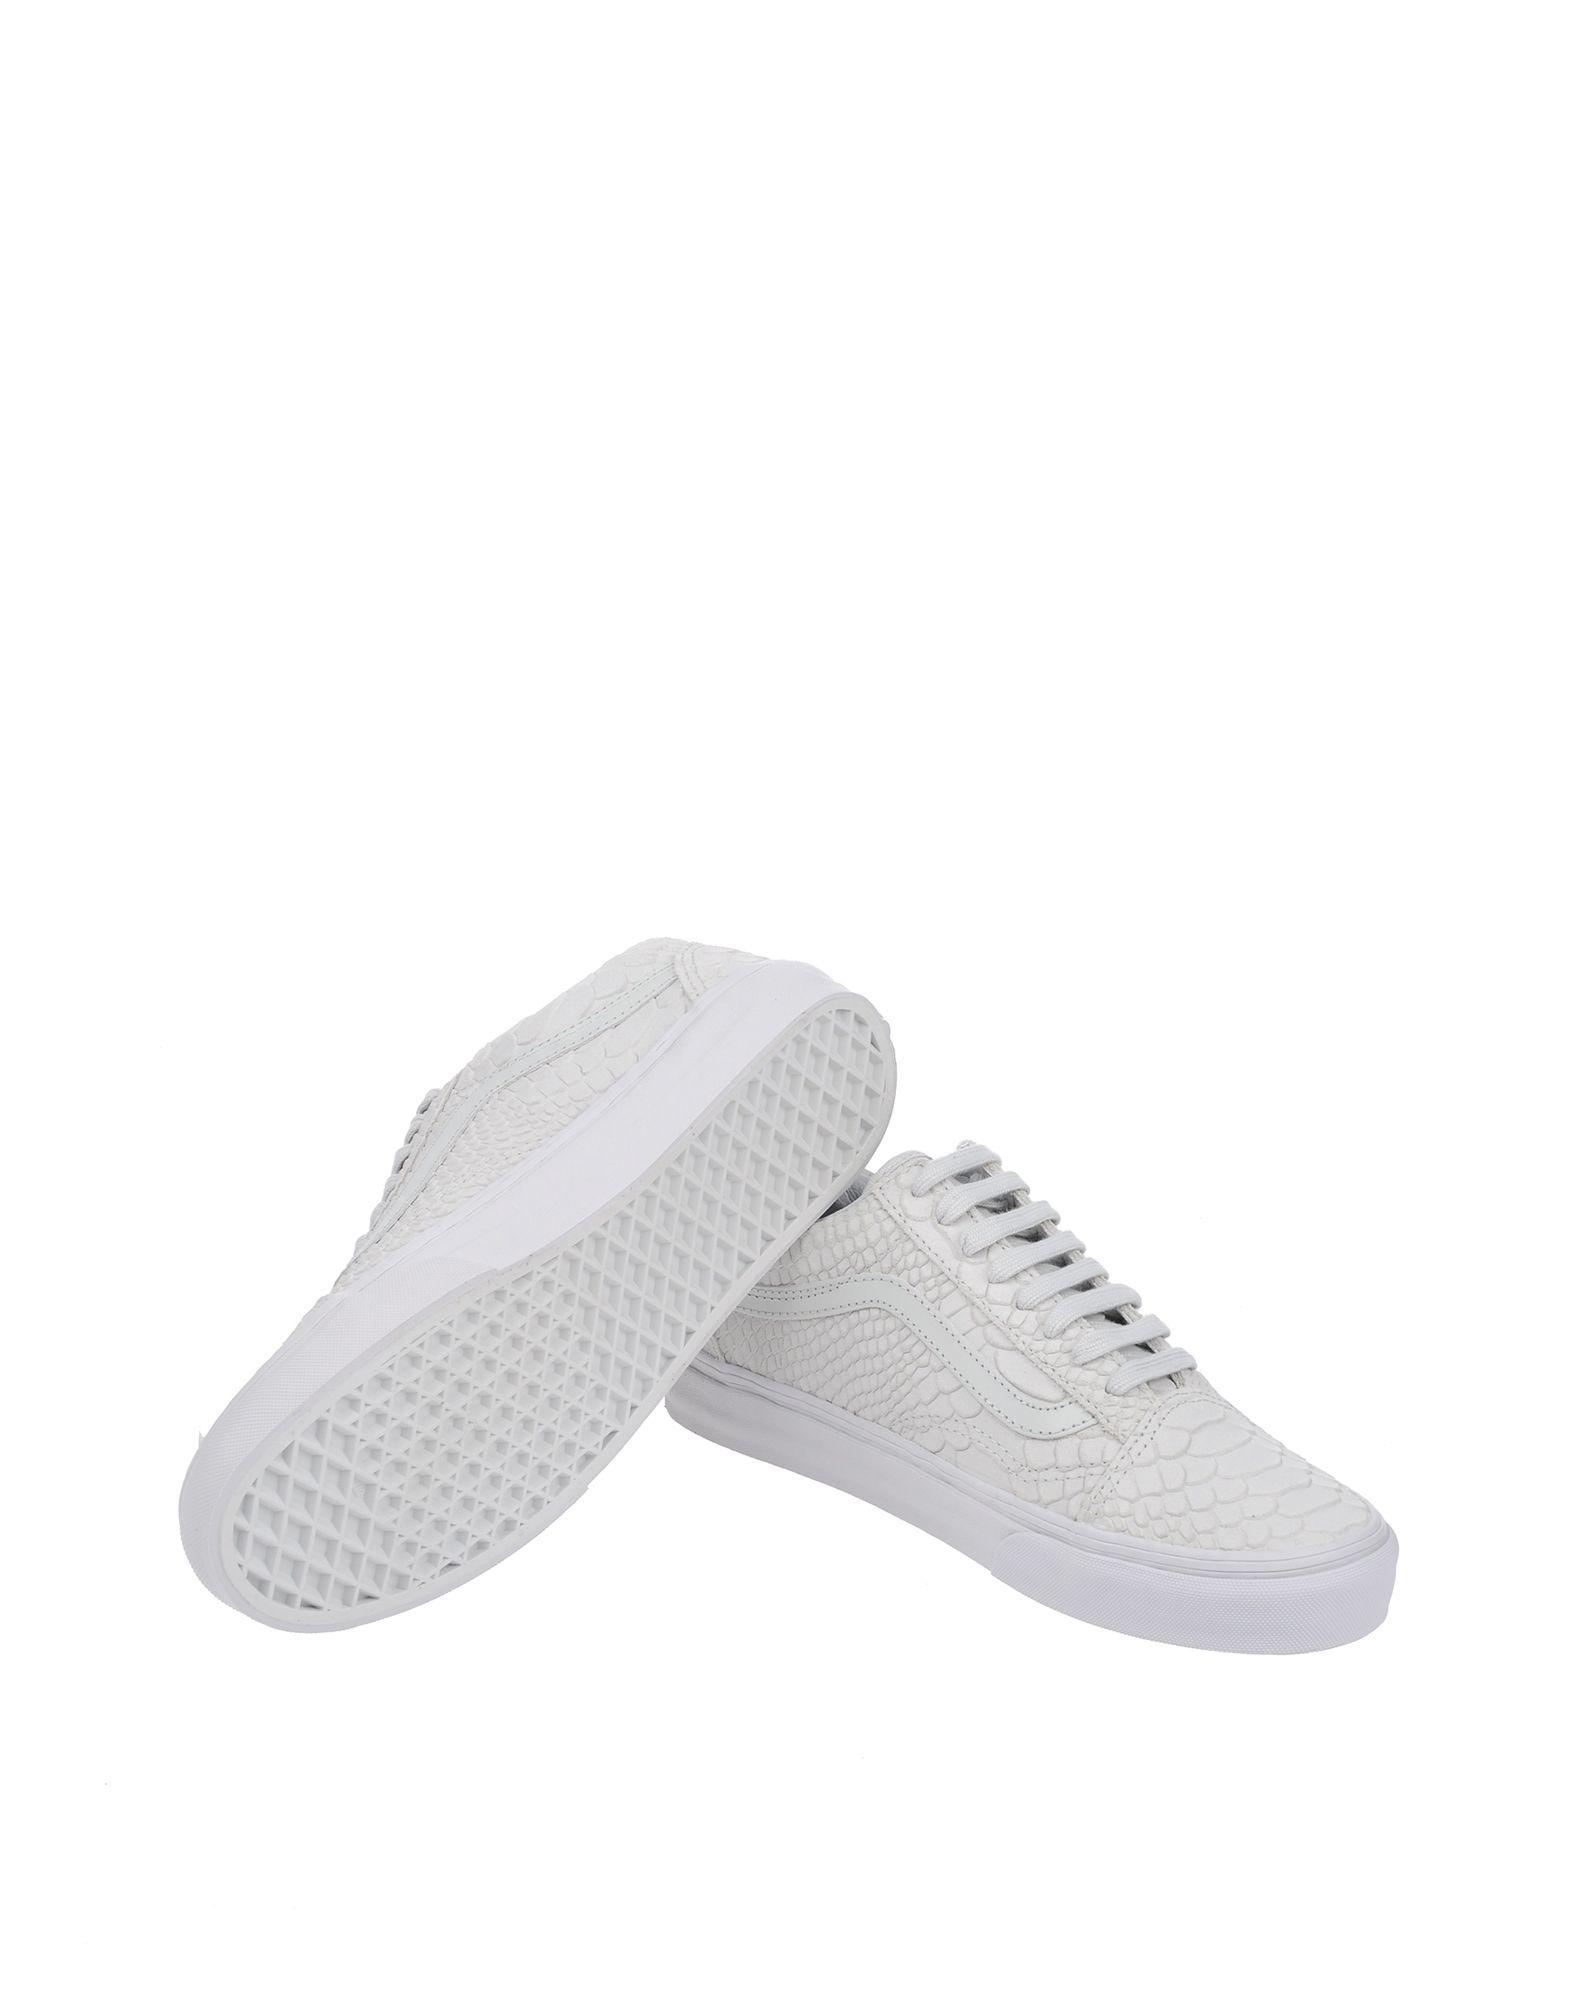 Vans U Old Skool Skool Skool Dx Mono Python D - Sneakers - Women Vans Sneakers online on  United Kingdom - 11141038RH 4df633